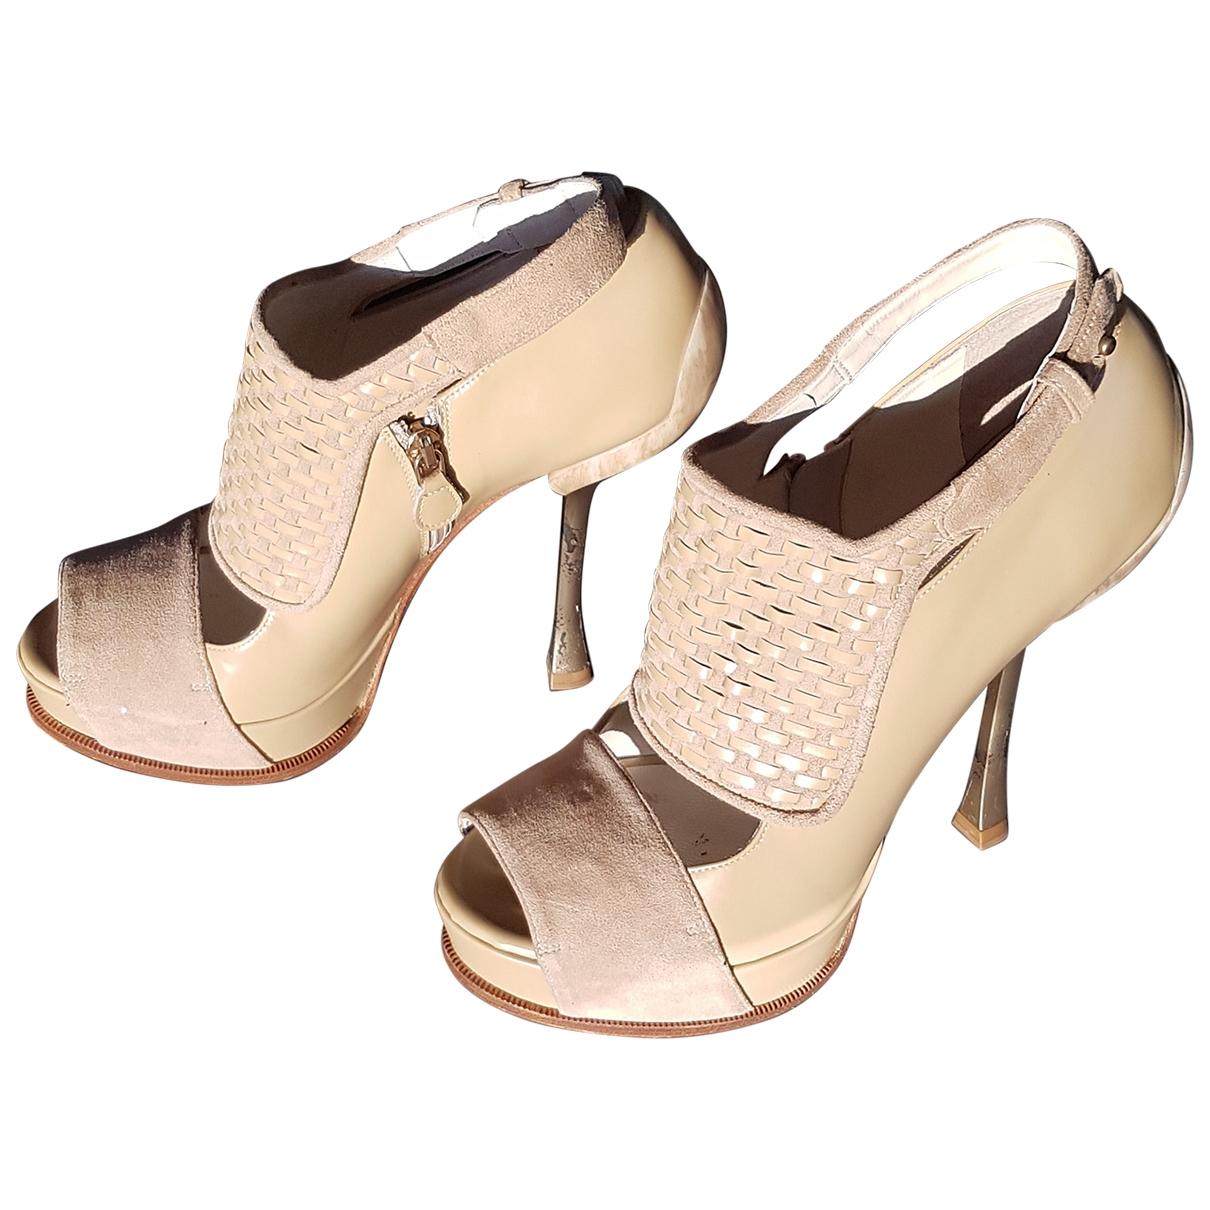 Gianfranco Ferré \N Beige Leather Heels for Women 38.5 EU